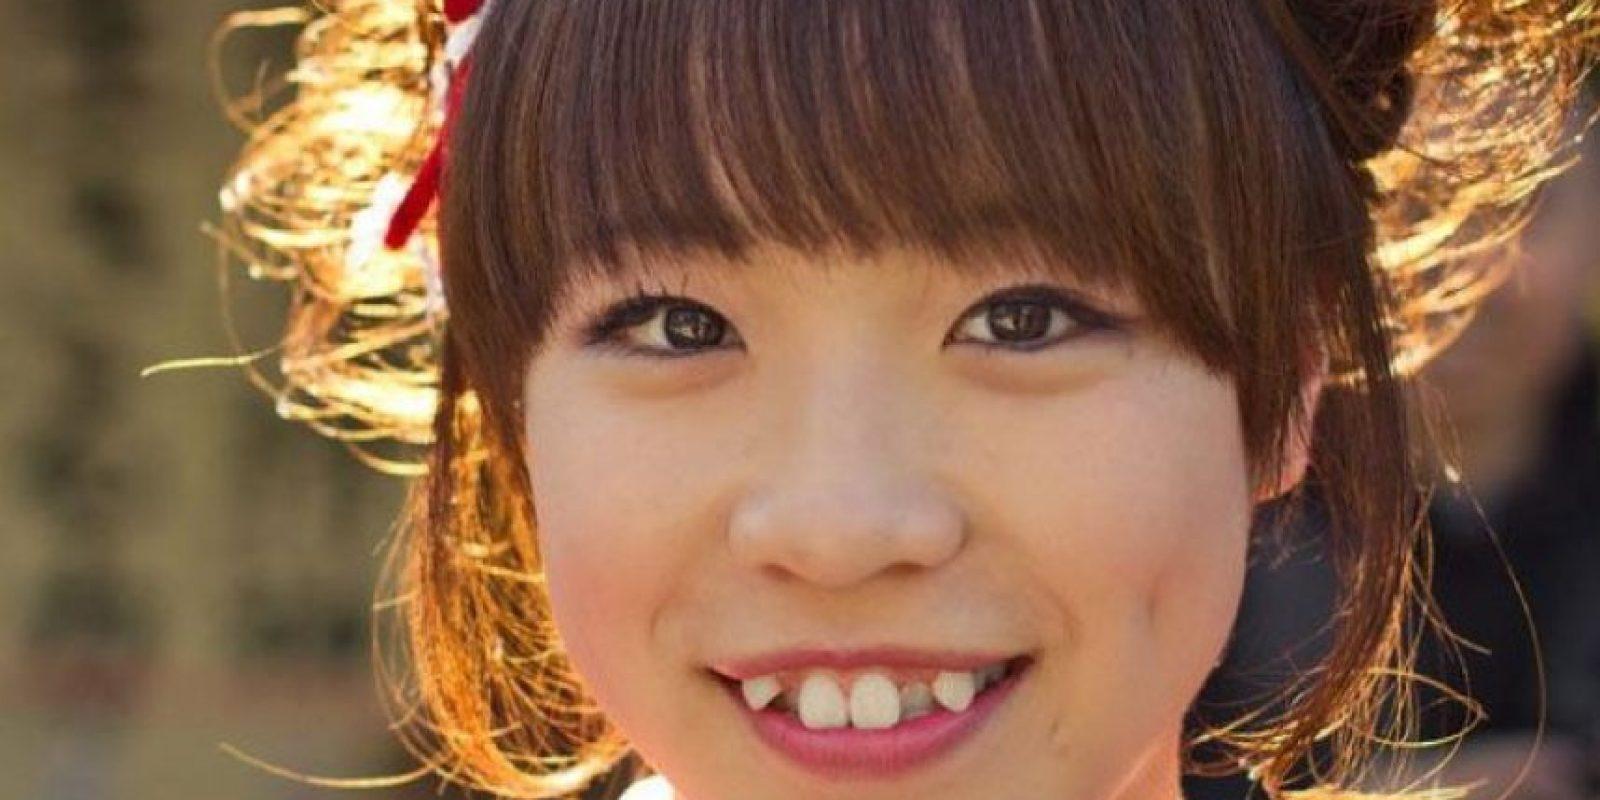 5. Mientras en la mayoría de países se buscan unos dientes rectos, en Japón la tendencia es torcerlos y limar los colmillos para obtener una apariencia juvenil o de adolescentes. Foto:Vía Twitter